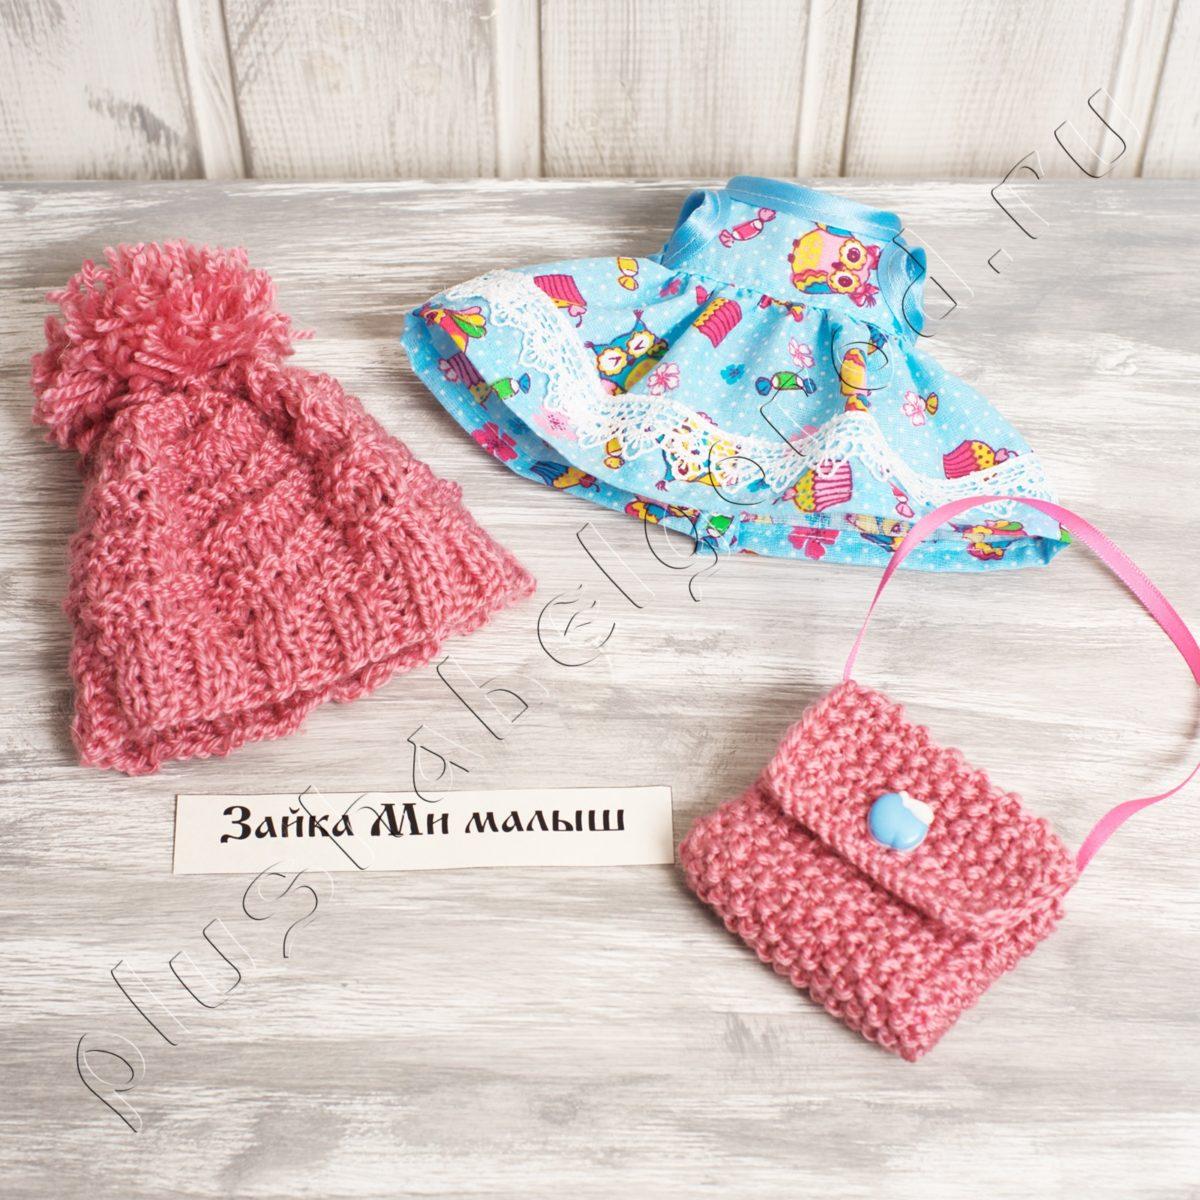 Платье с совушками, сумочка и шапочка